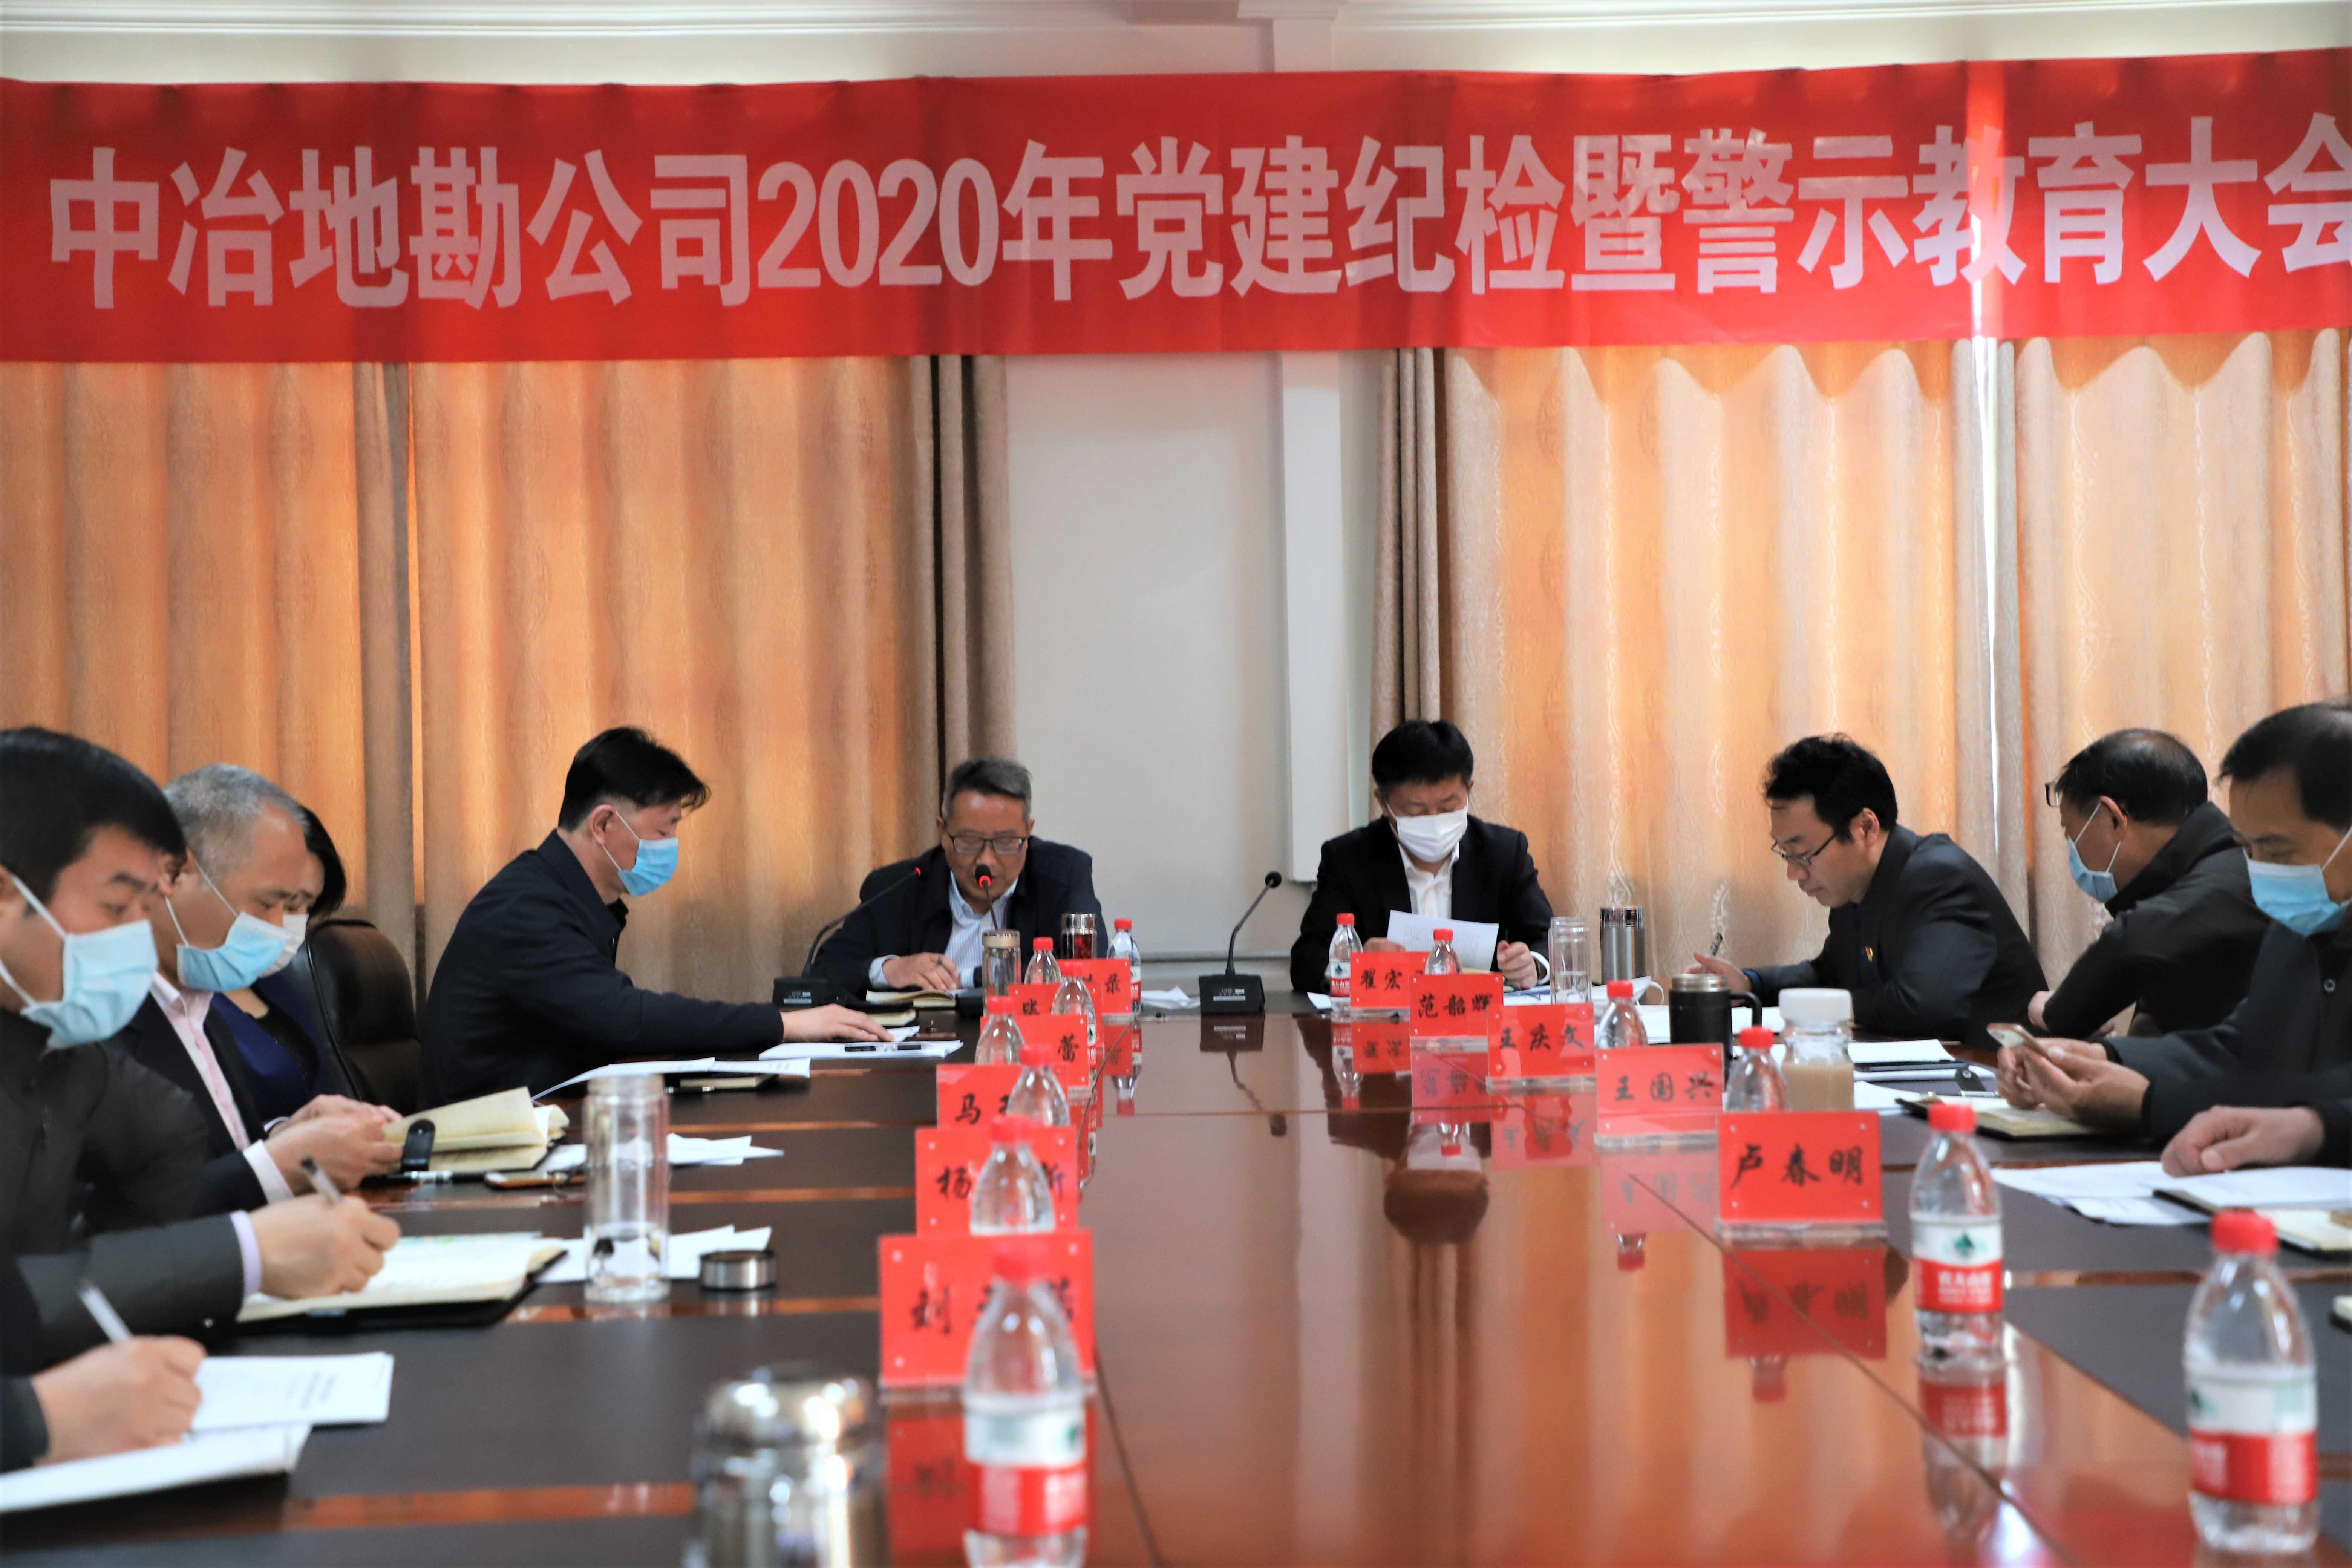 公司召开2020年党建纪检暨警示教育大会